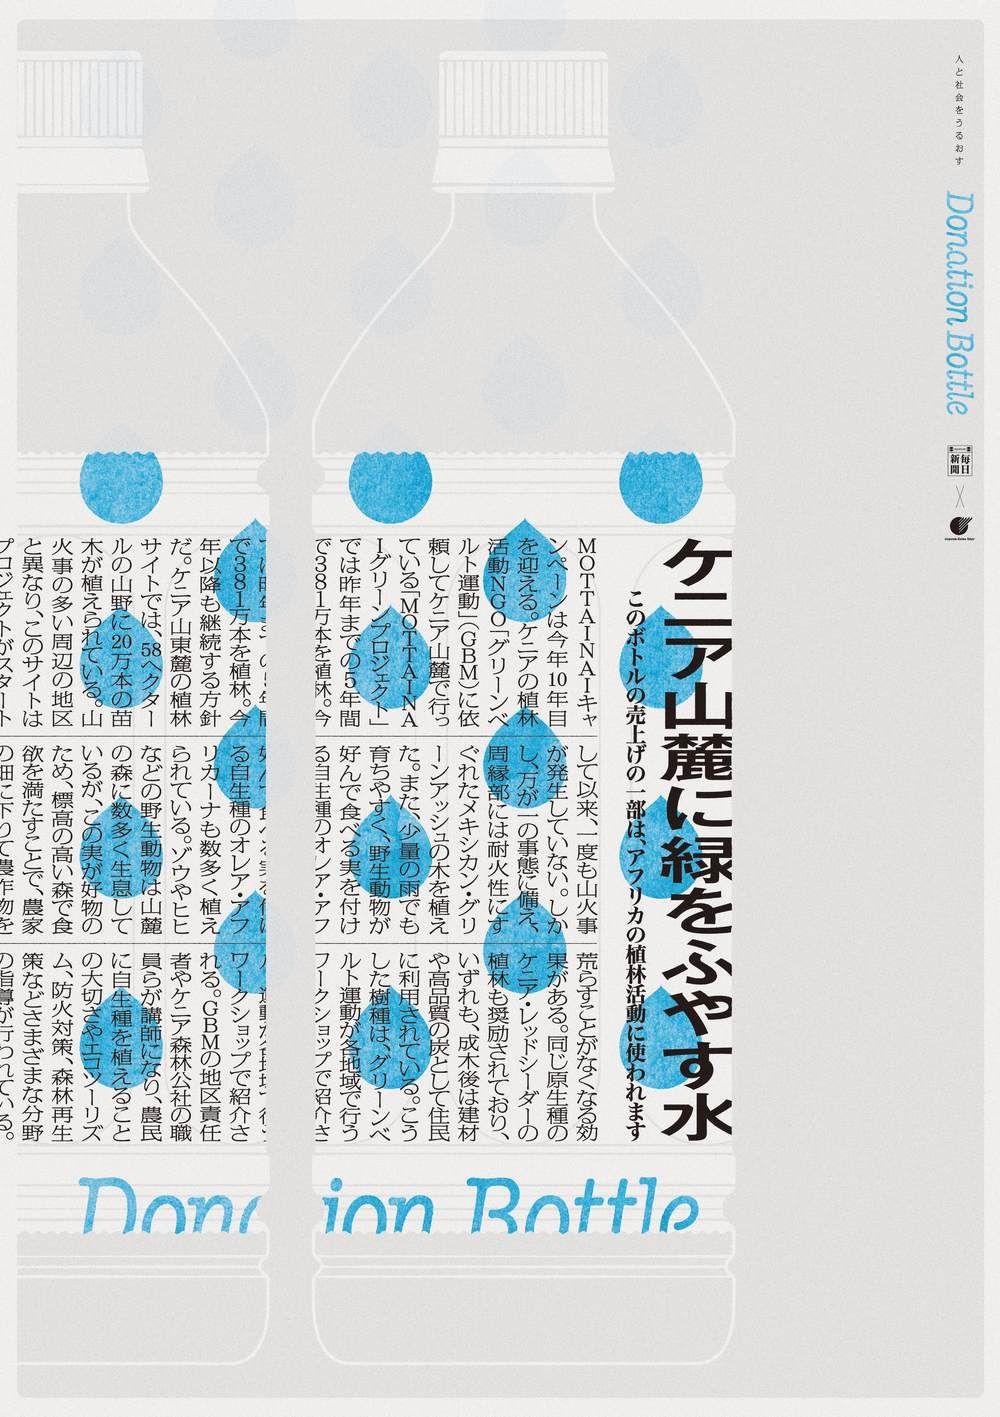 Donationbottle Yoshinaka Ono Graphic Design Posters Graphic Design Poster Design